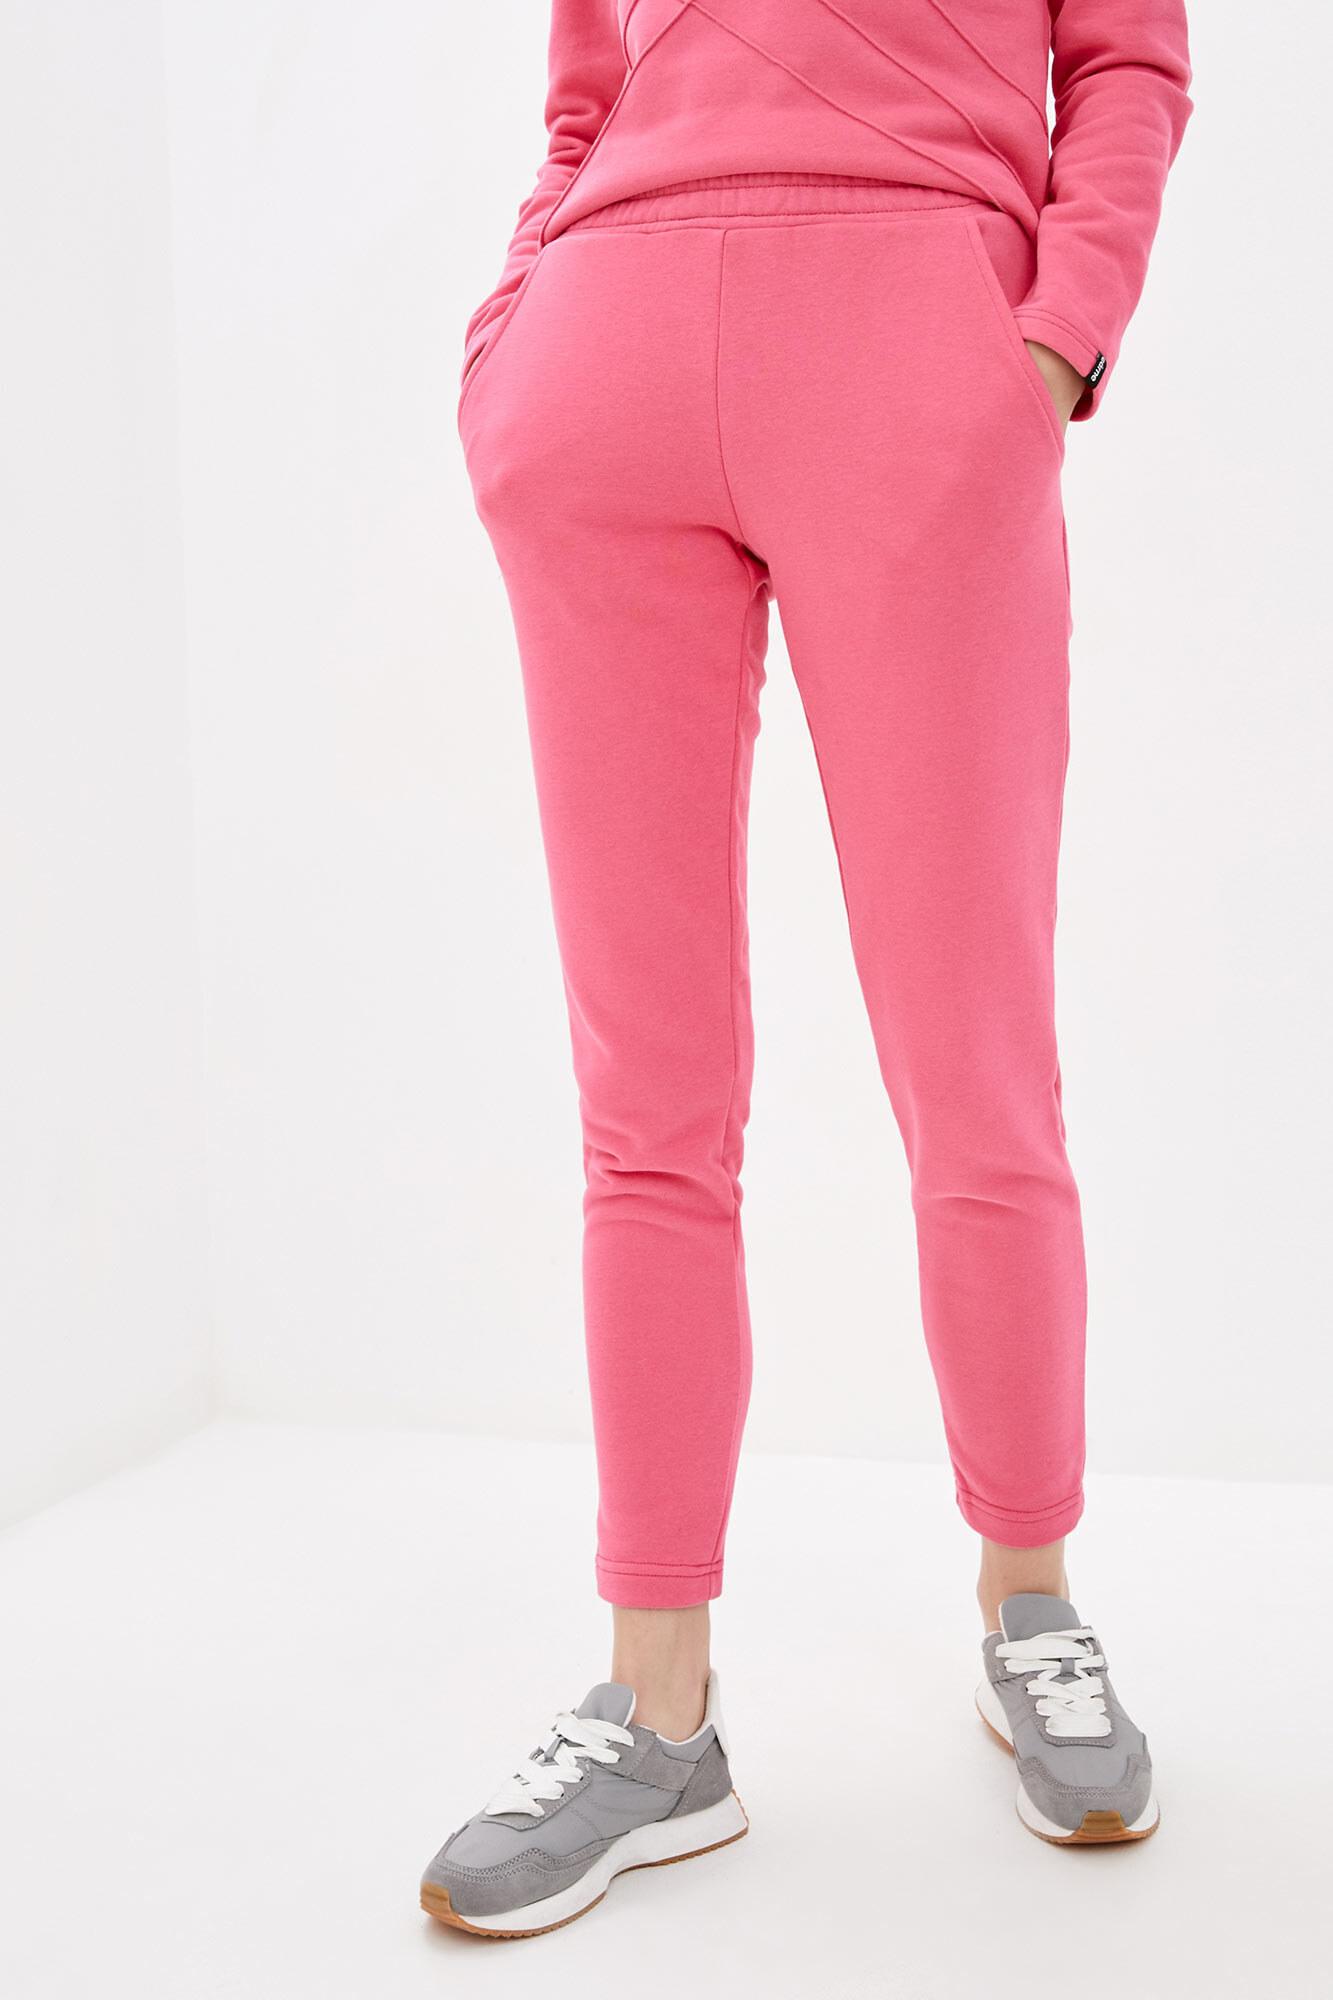 Спортивные хлопковые штаны розового цвета